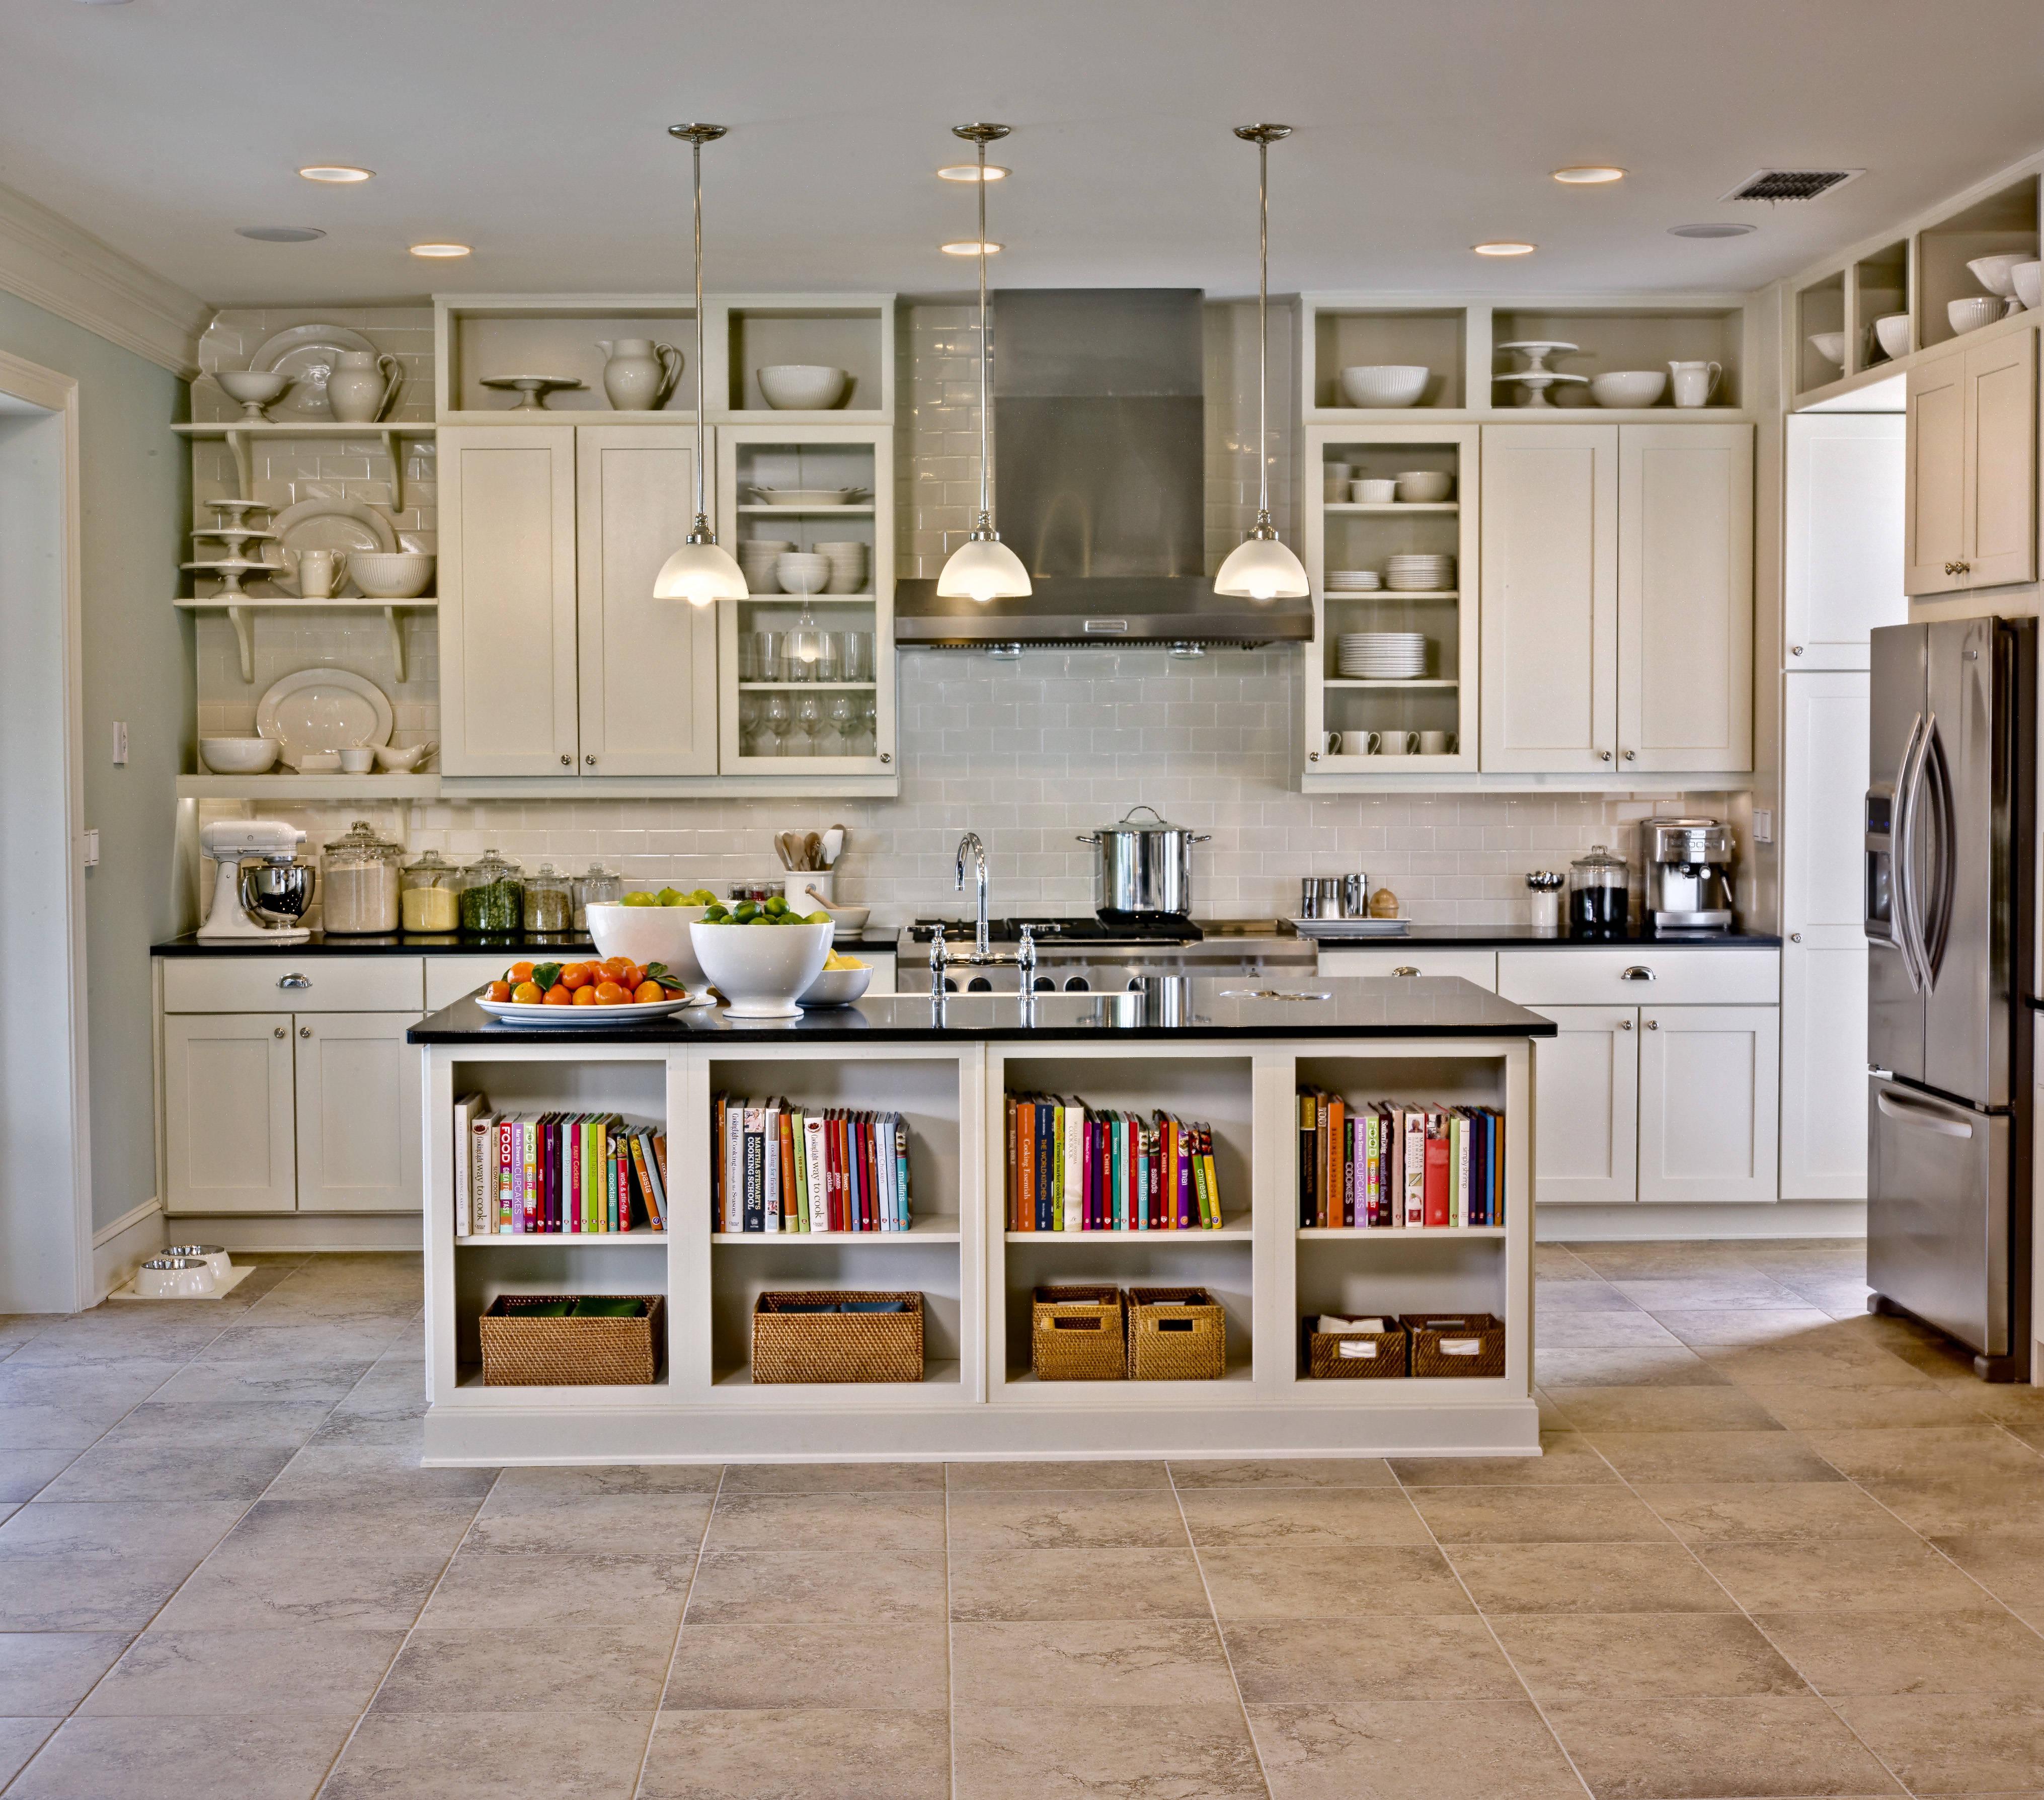 Kitchen storage cabinets free standing photo - 1